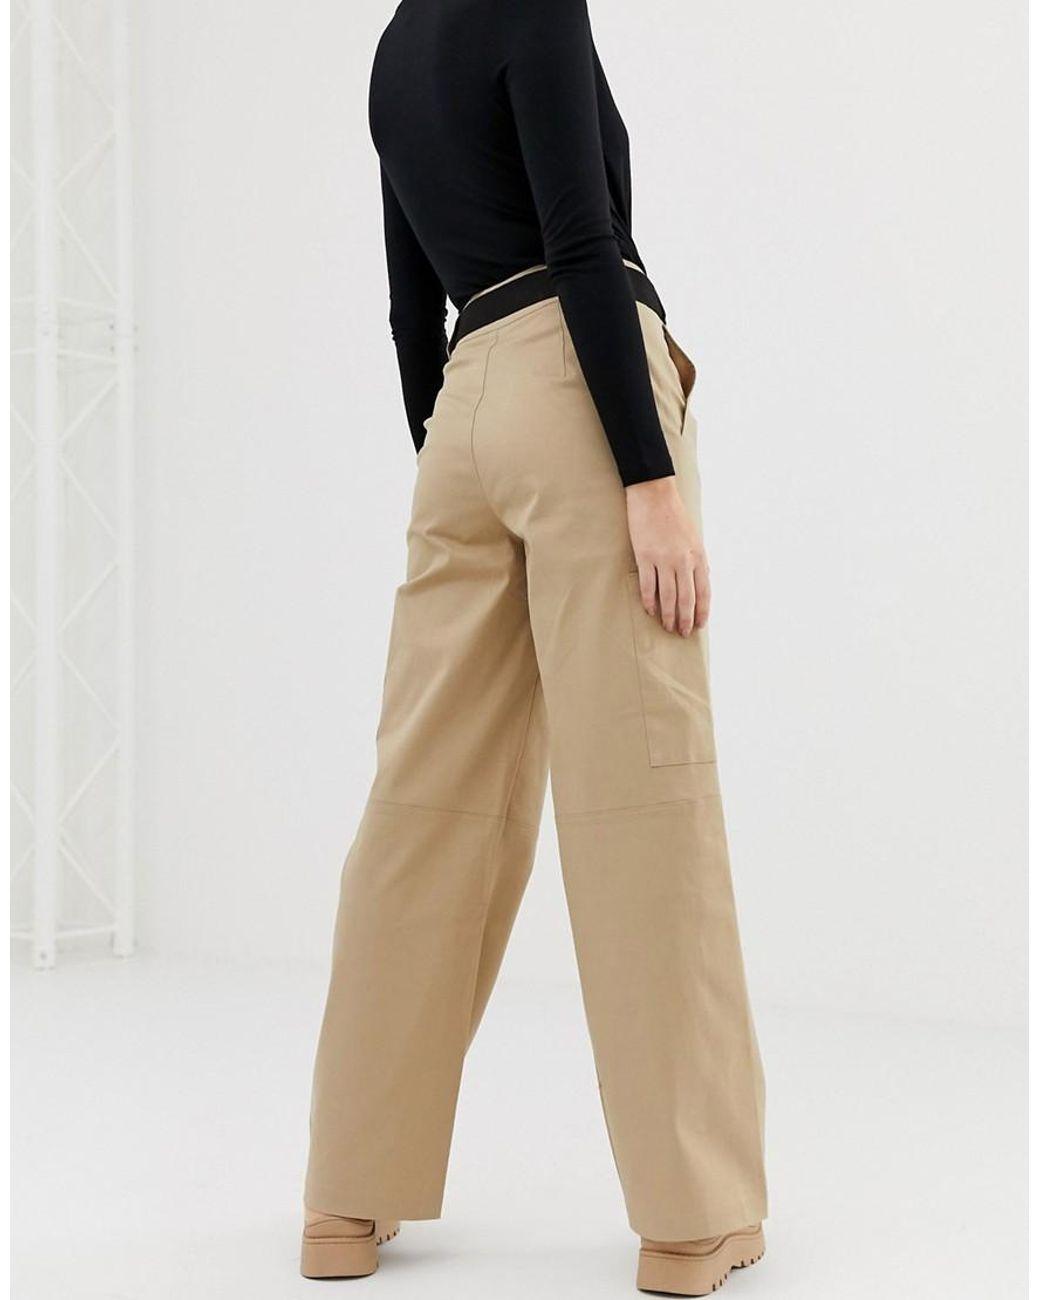 De Mujer Militares Pantalones En Neutro Color Beis Str sQxthCrd